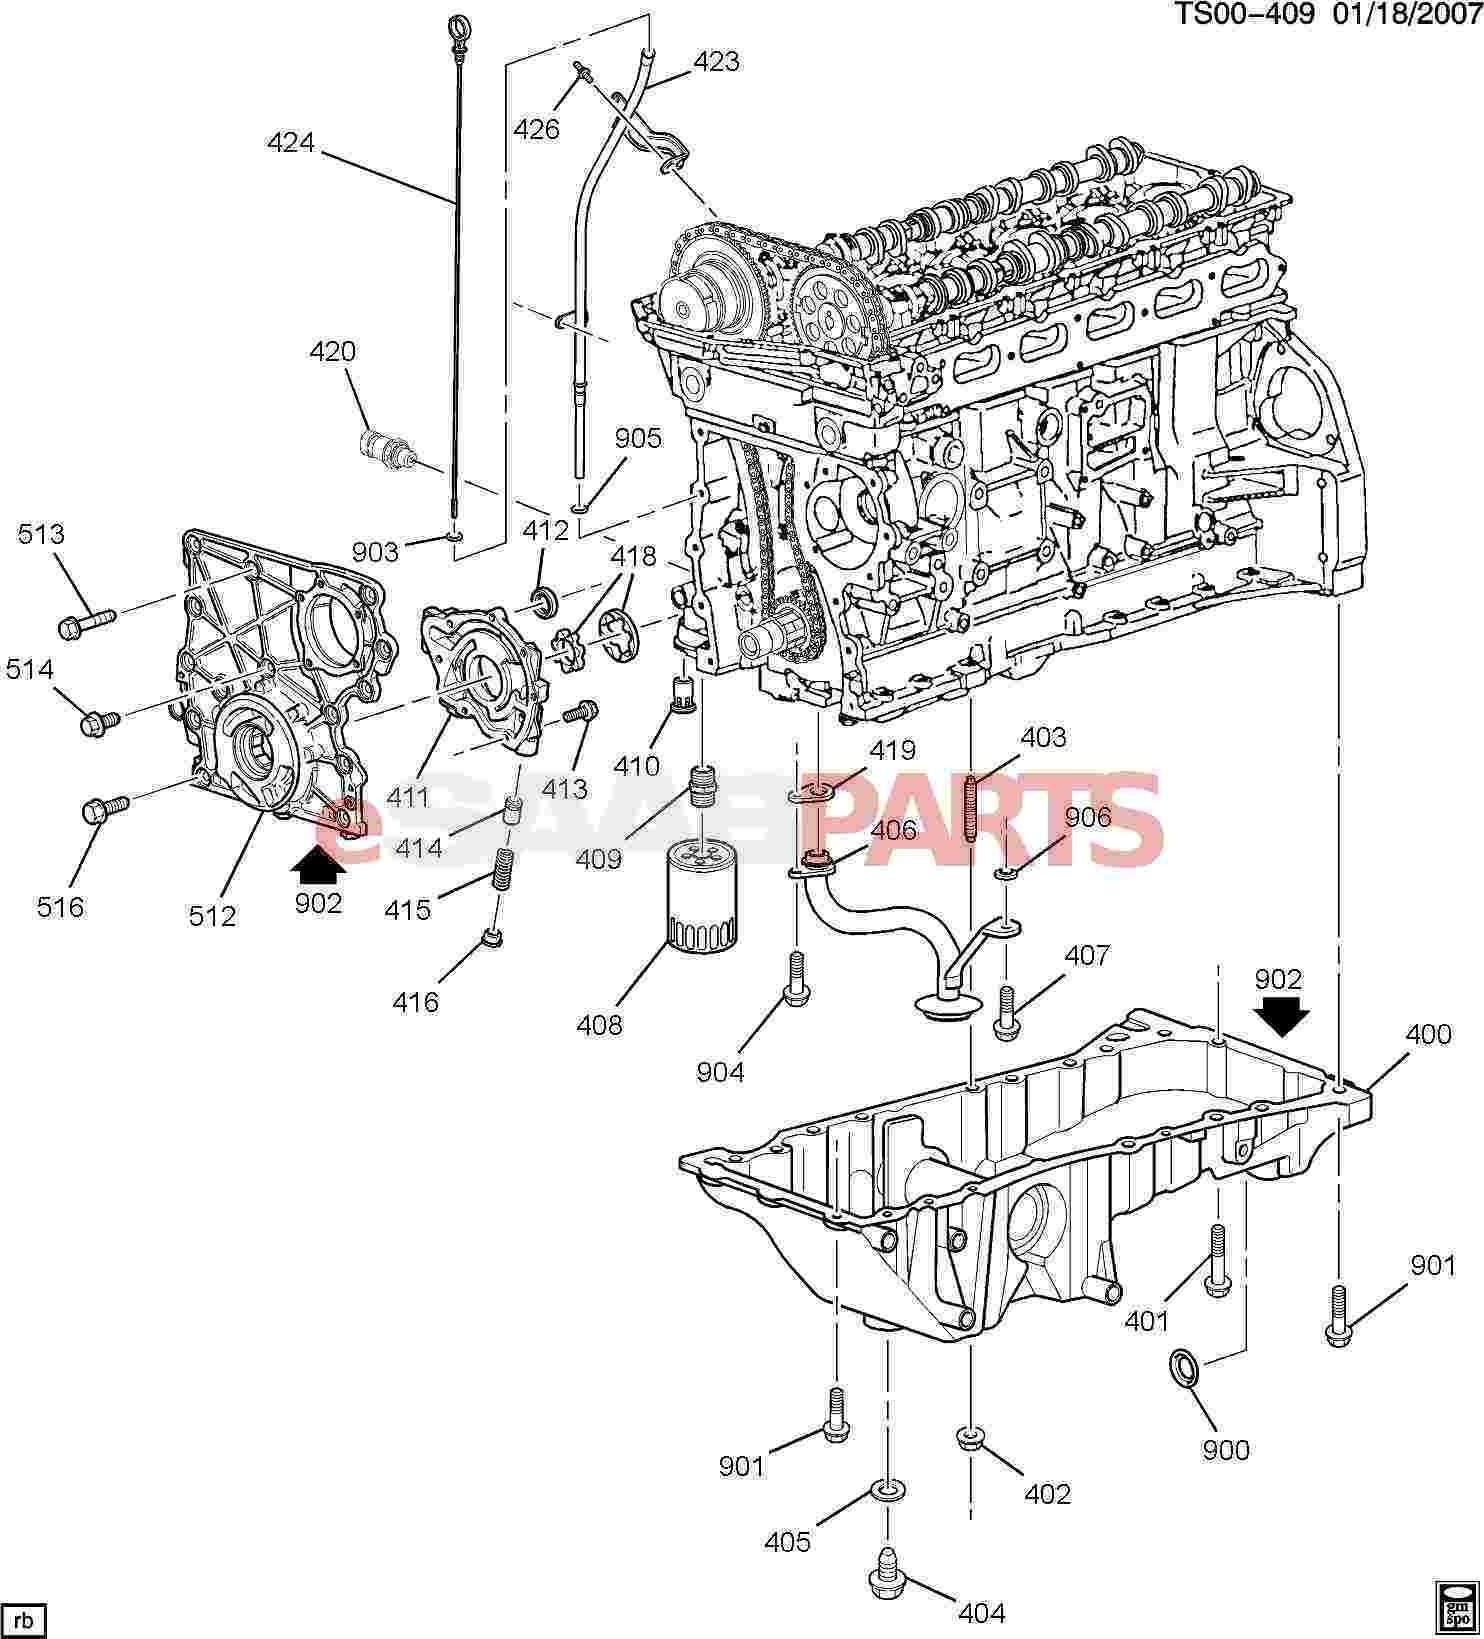 Straight 6 Engine Diagram Esaabparts Saab 9 7x Engine Parts Engine Internal 4 2s Of Straight 6 Engine Diagram